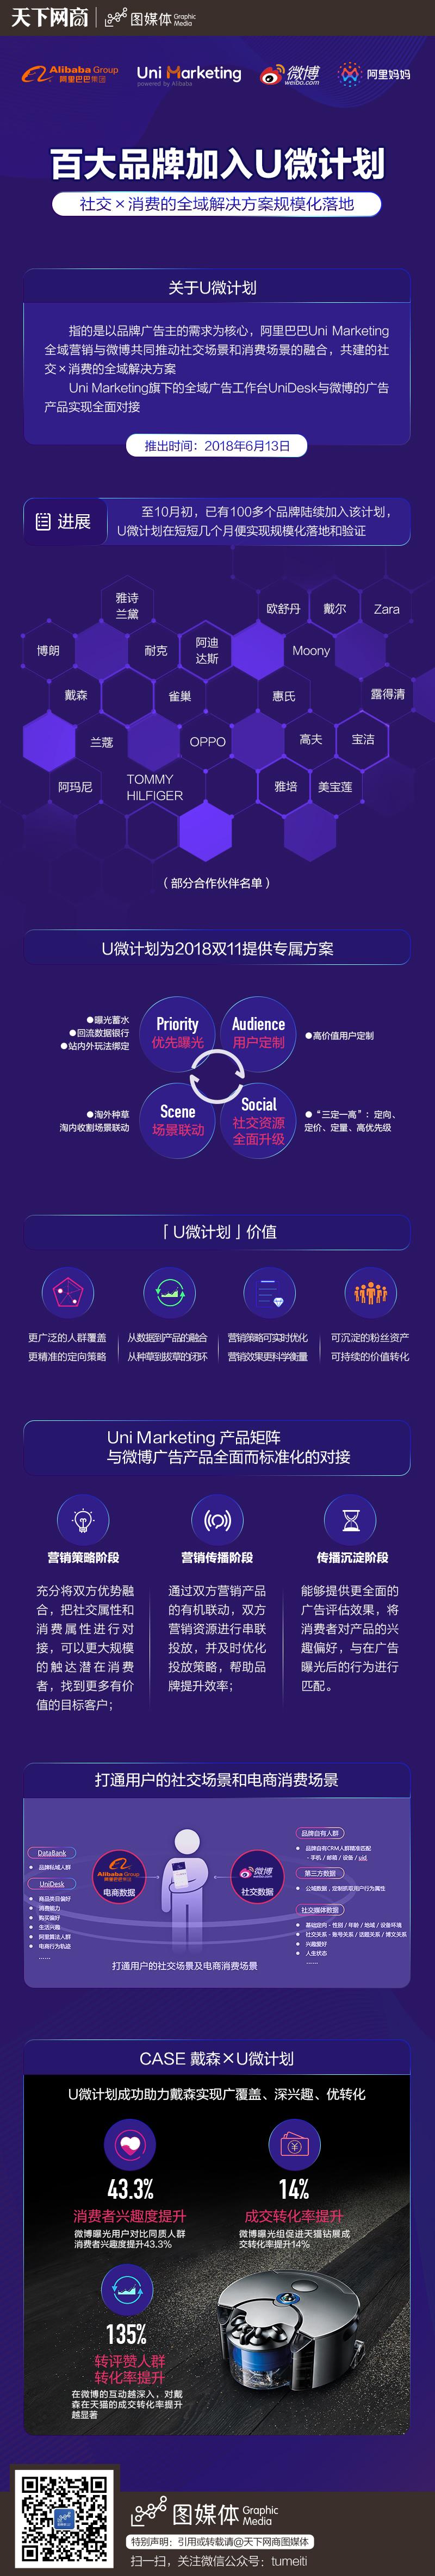 信息图-百大品牌加入U微计划